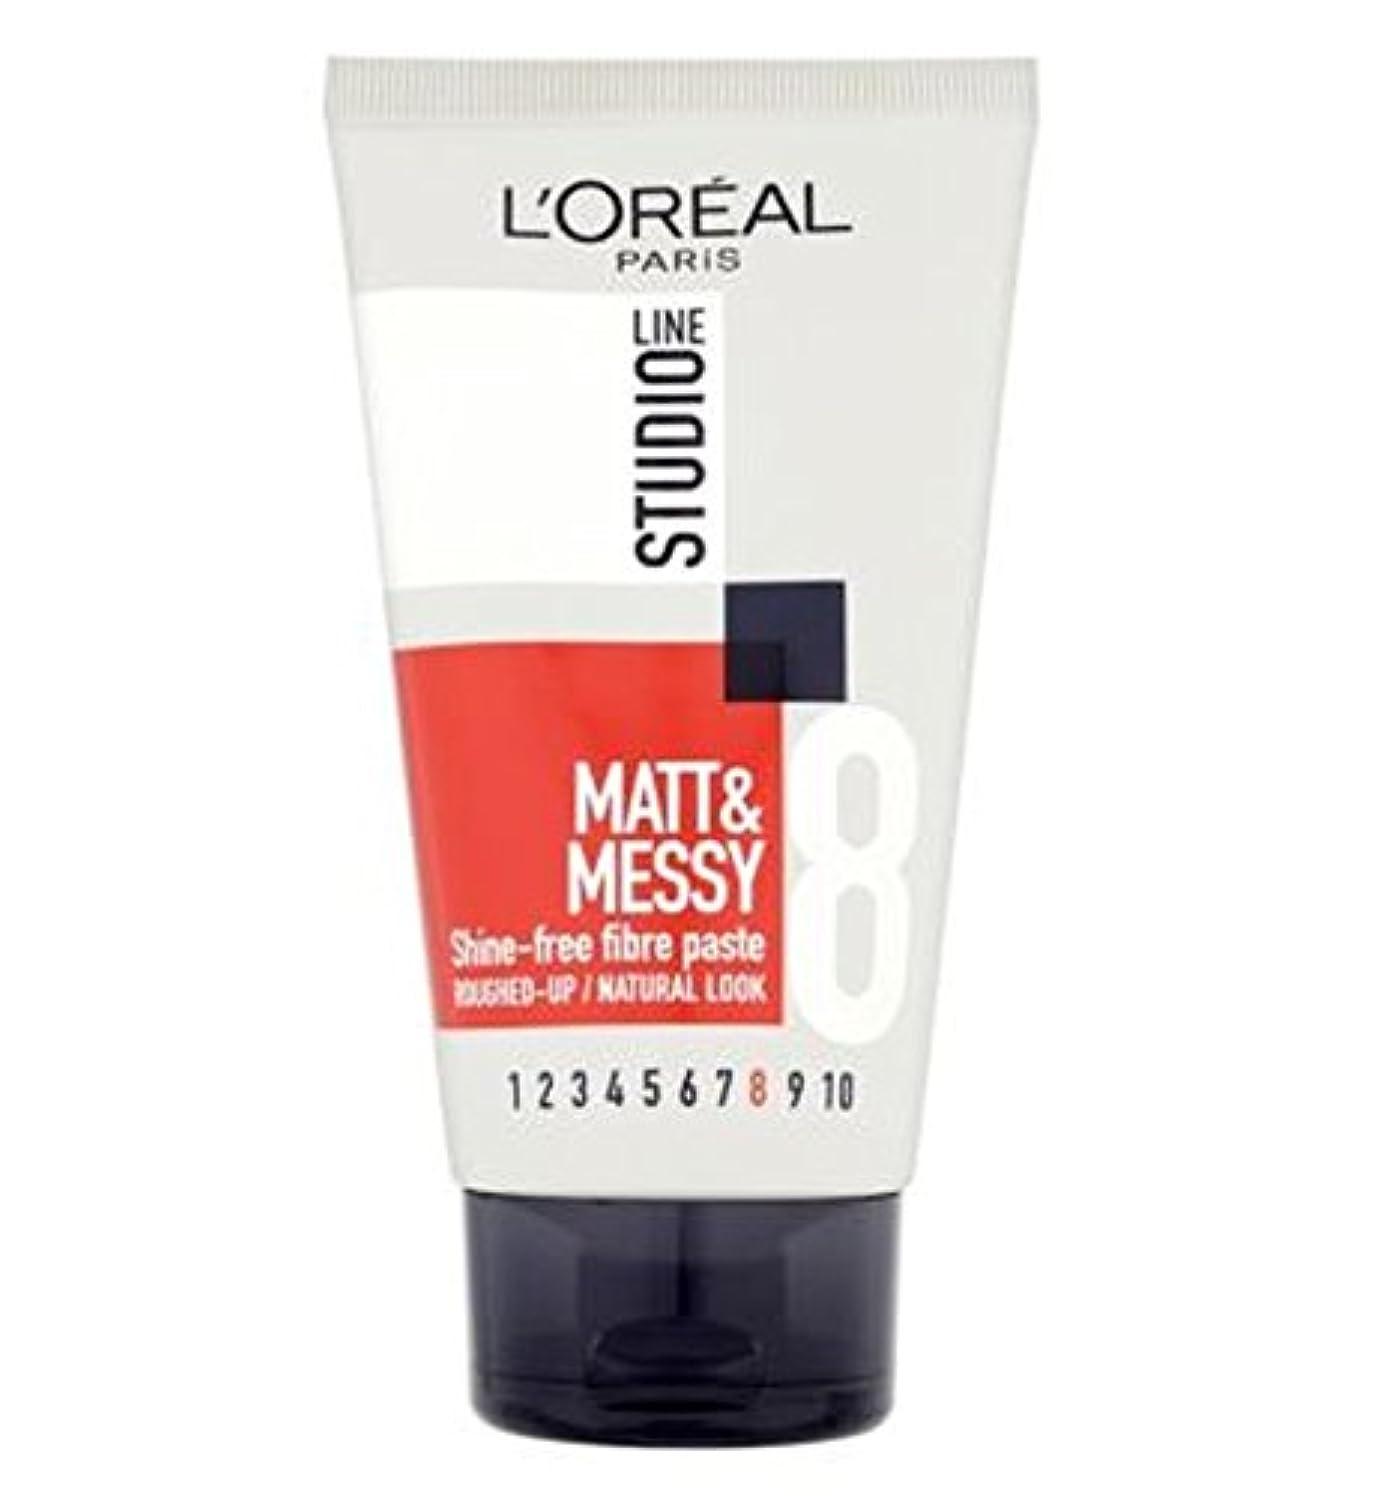 禁止する教室議会L'Oreall Studio Line Matt & Messy Shine-Free Fibre Paste 150ml - L'Oreallスタジオラインマット&厄介な輝きのない繊維ペースト150ミリリットル (L'Oreal...